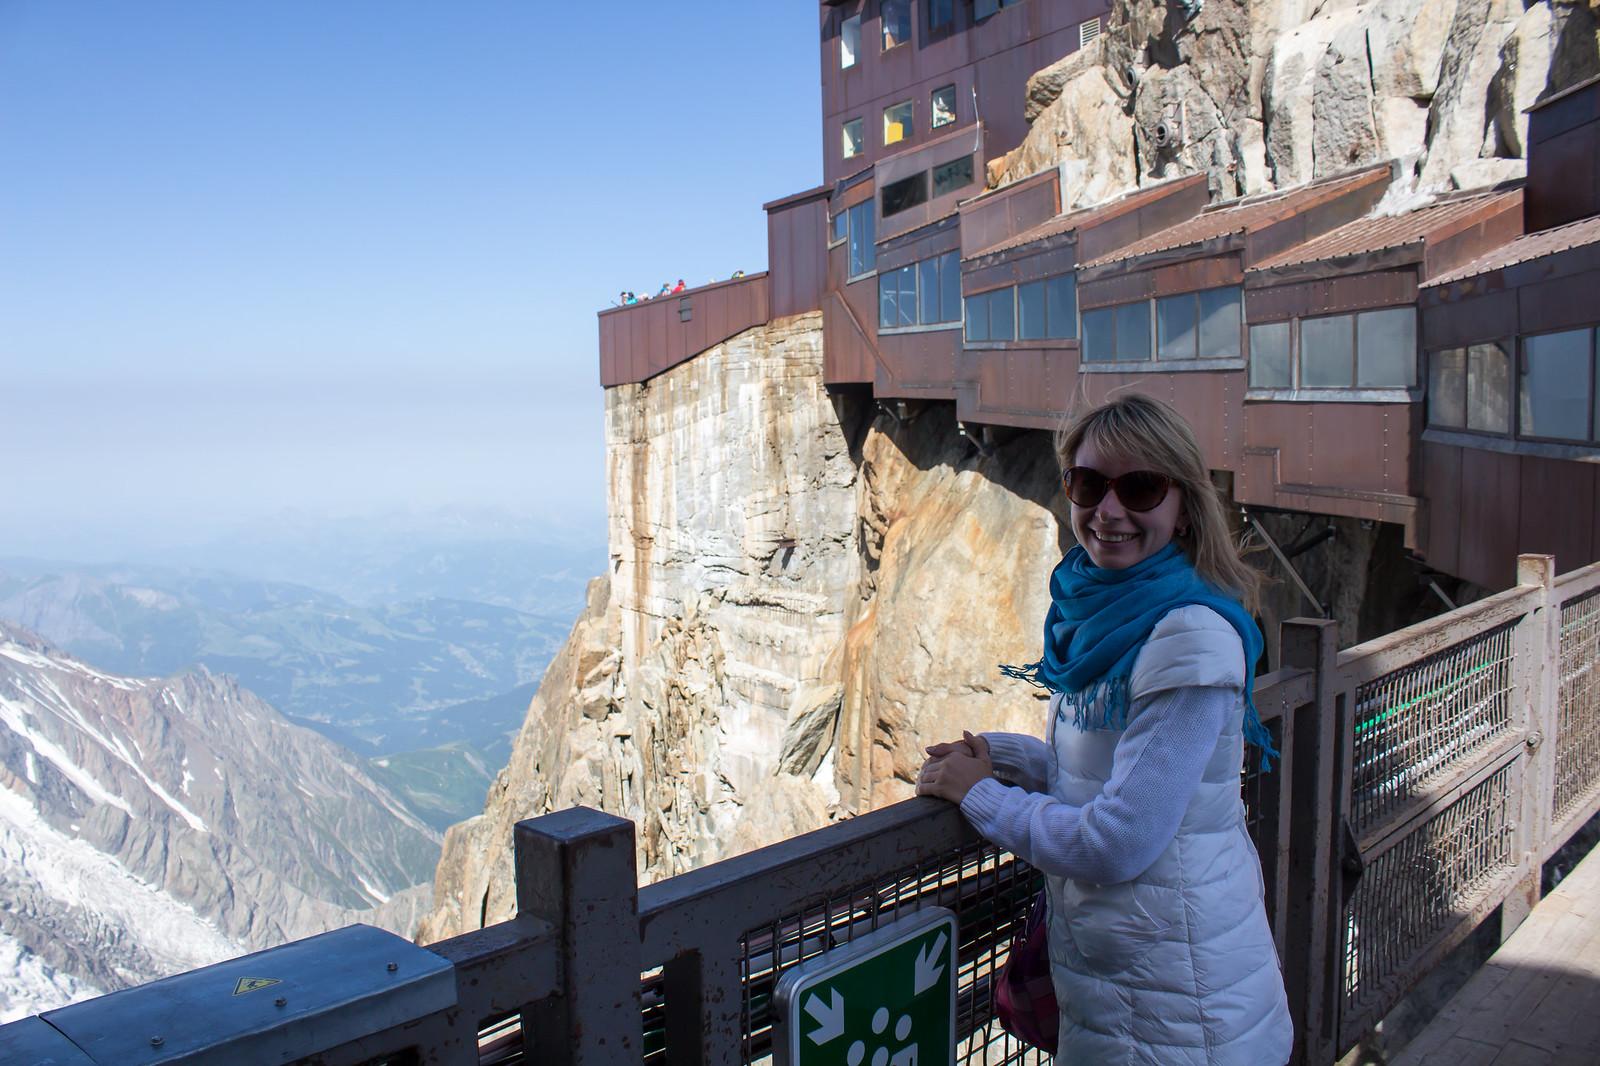 Шамони Мон-Блан - Мы были там 4 июля - в разгар лета. Внизу было +30 и мы изнывали от жары. Но на высоте 3778 метров уже -5 и ветер. Станция круглогодичная, для чего везде построены такие закрытые галереи